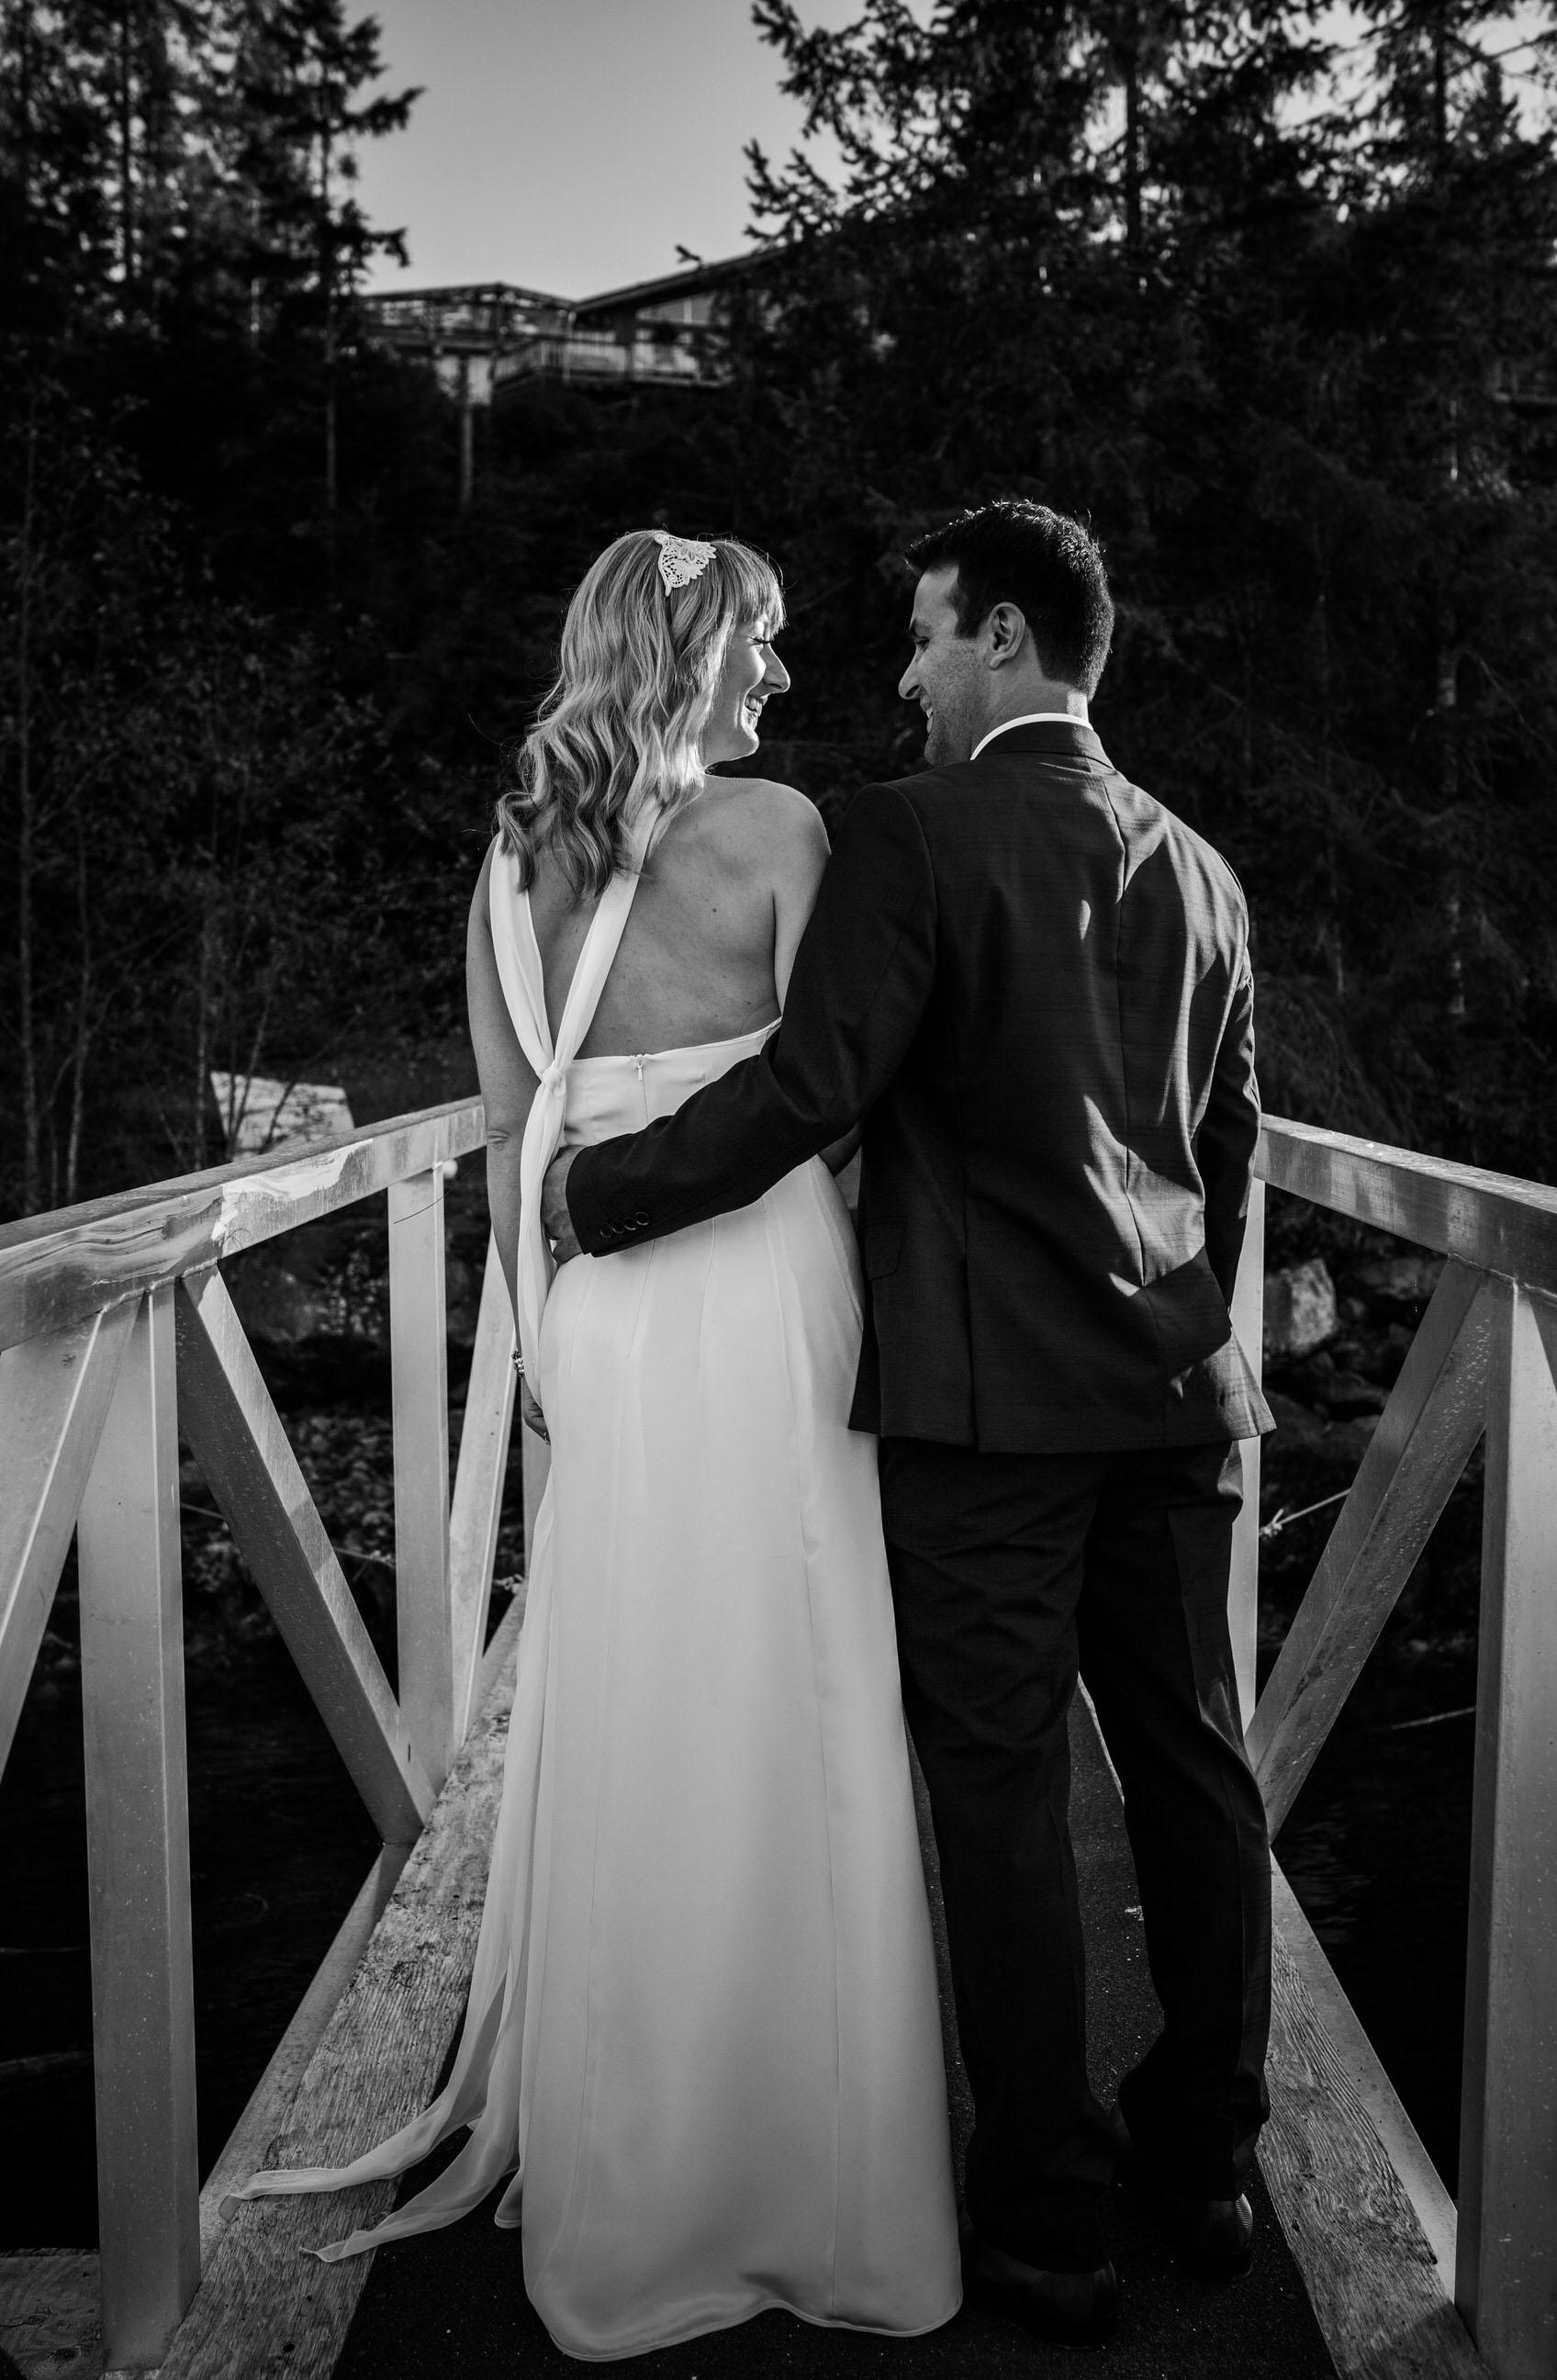 Sunshine Coast Wedding Photographer - Vancouver Wedding Photographer - West Coast Wilderness Lodge Wedding - Jennifer Picard Photography - IMG_8156.jpg